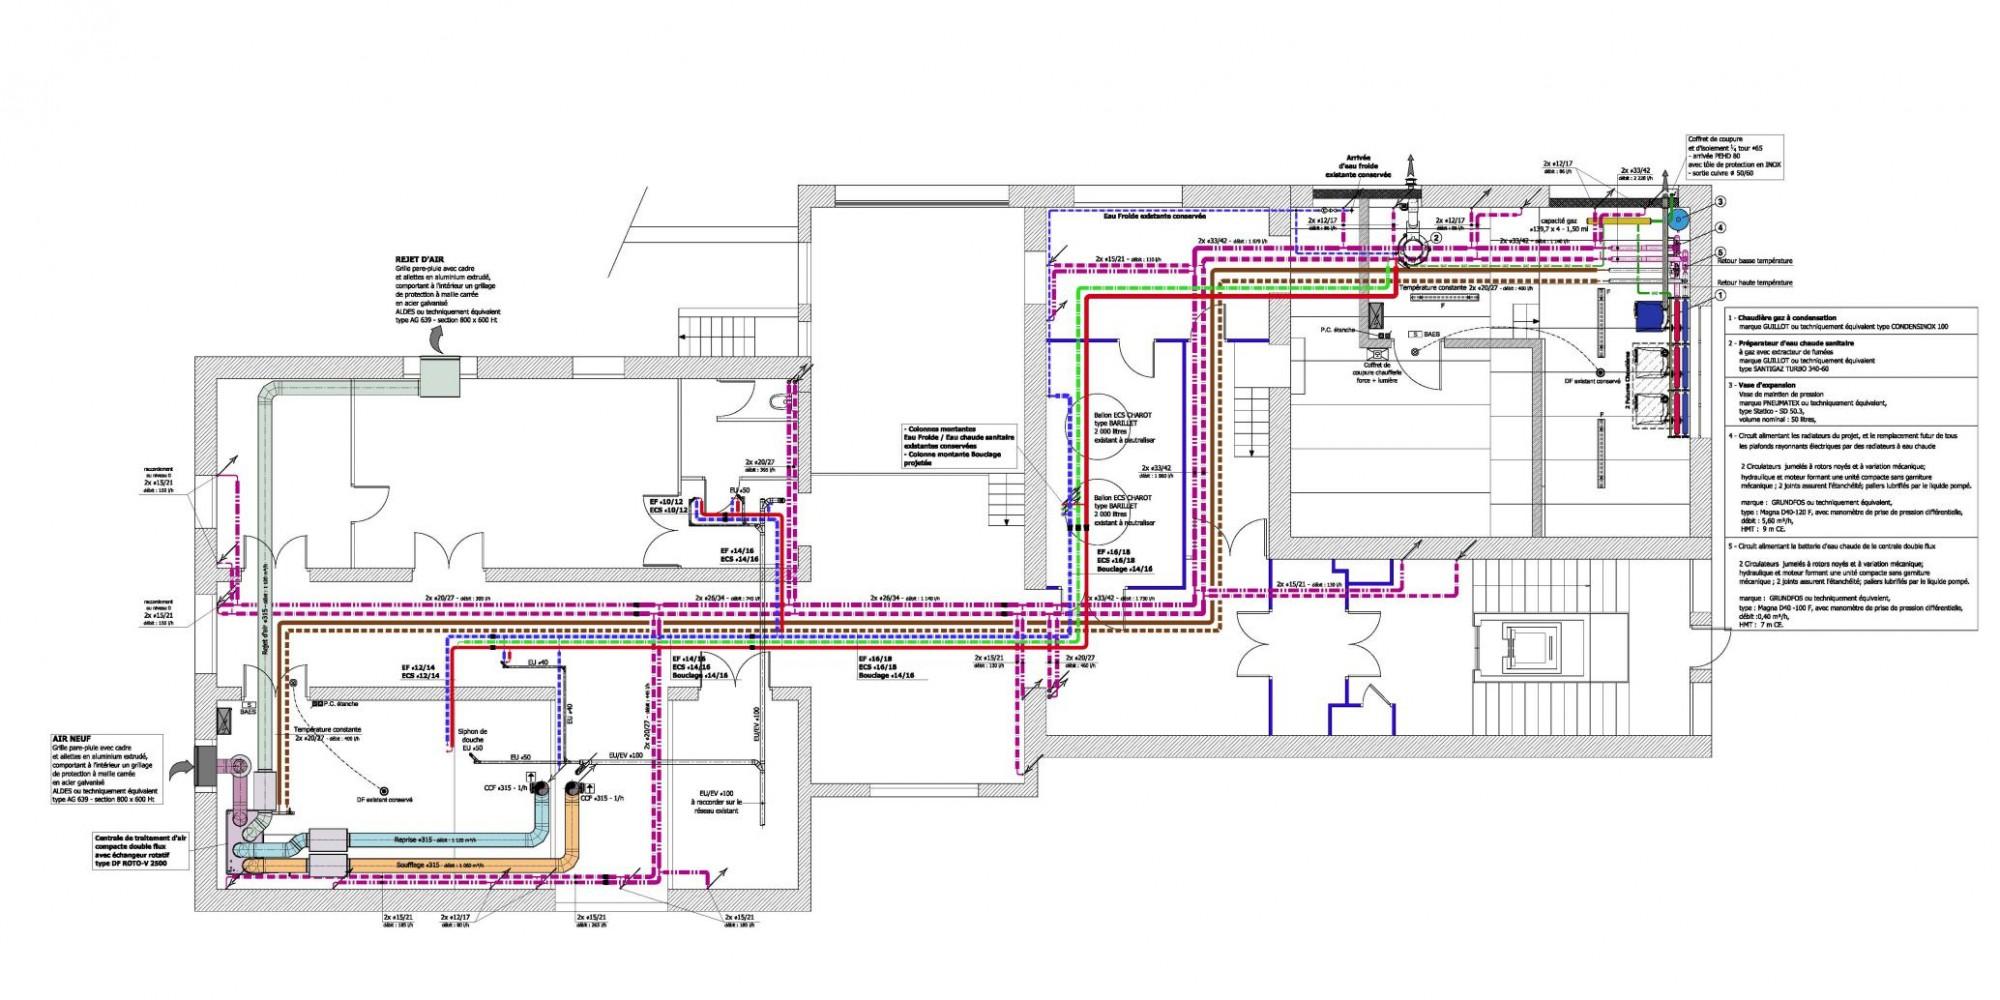 Maison de retraite les glycines amplepuis cr ation for Plomberie salle de bain au sous sol